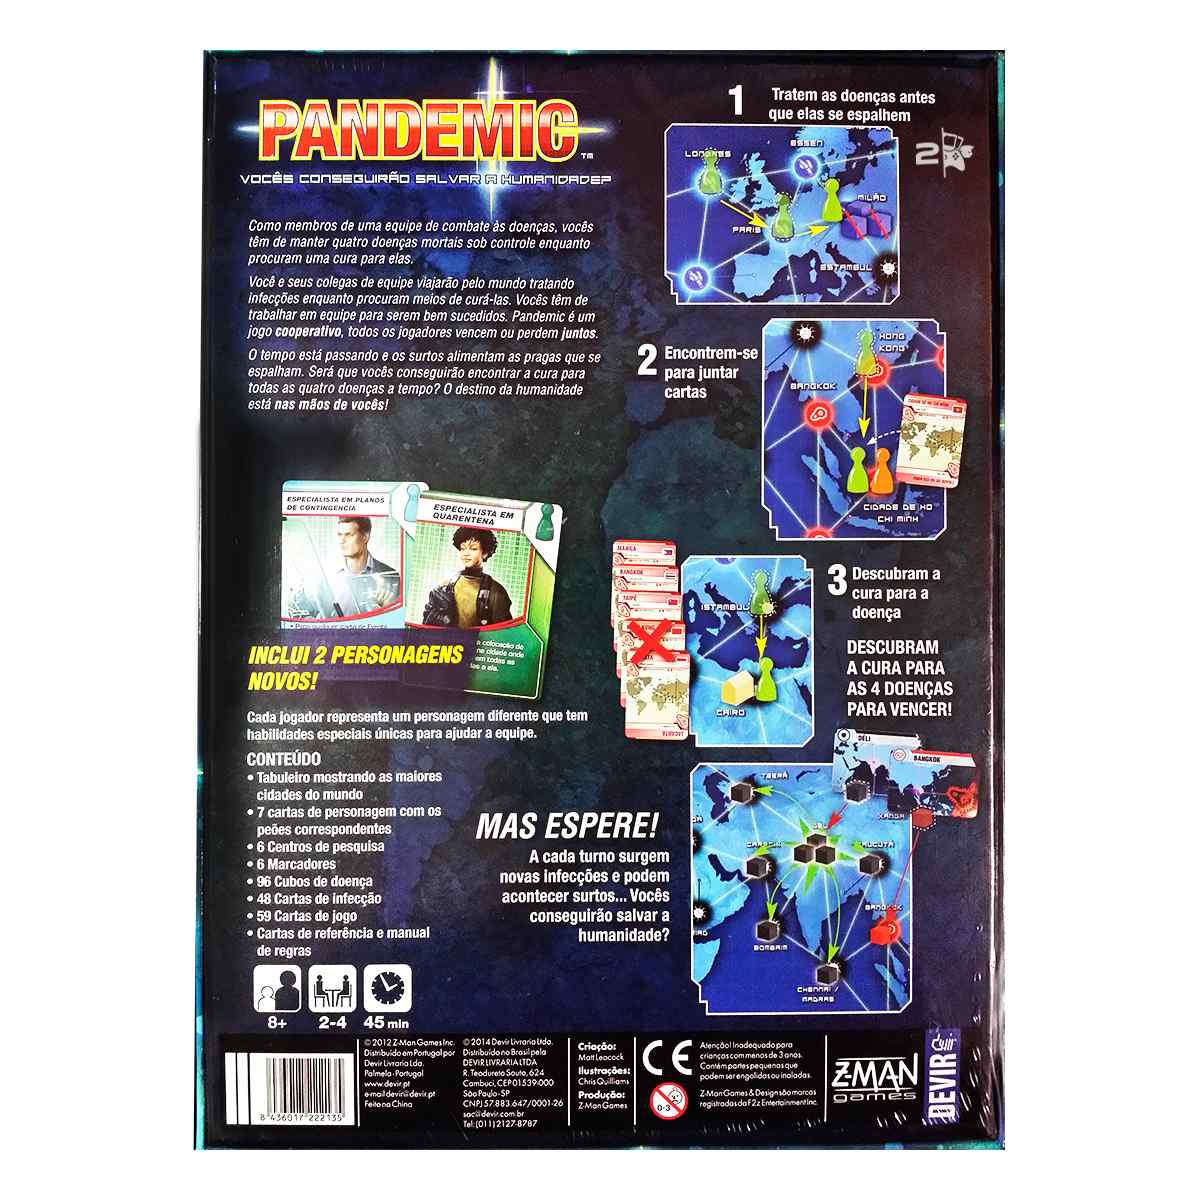 Pandemic Segunda Edição Jogo De Tabuleiro